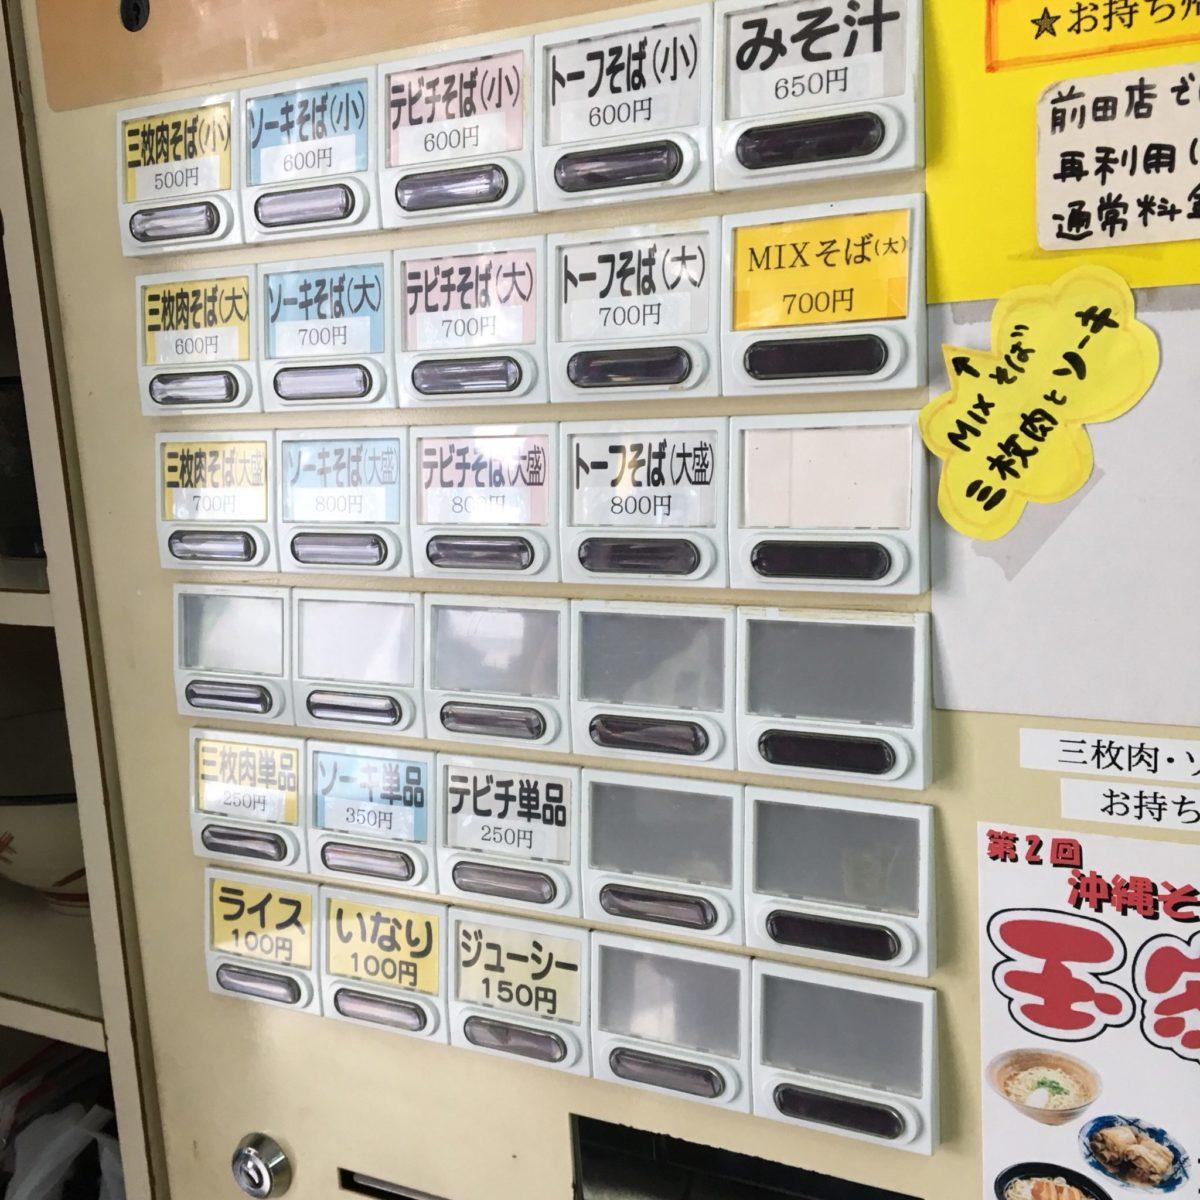 玉屋 前田店 メニュー